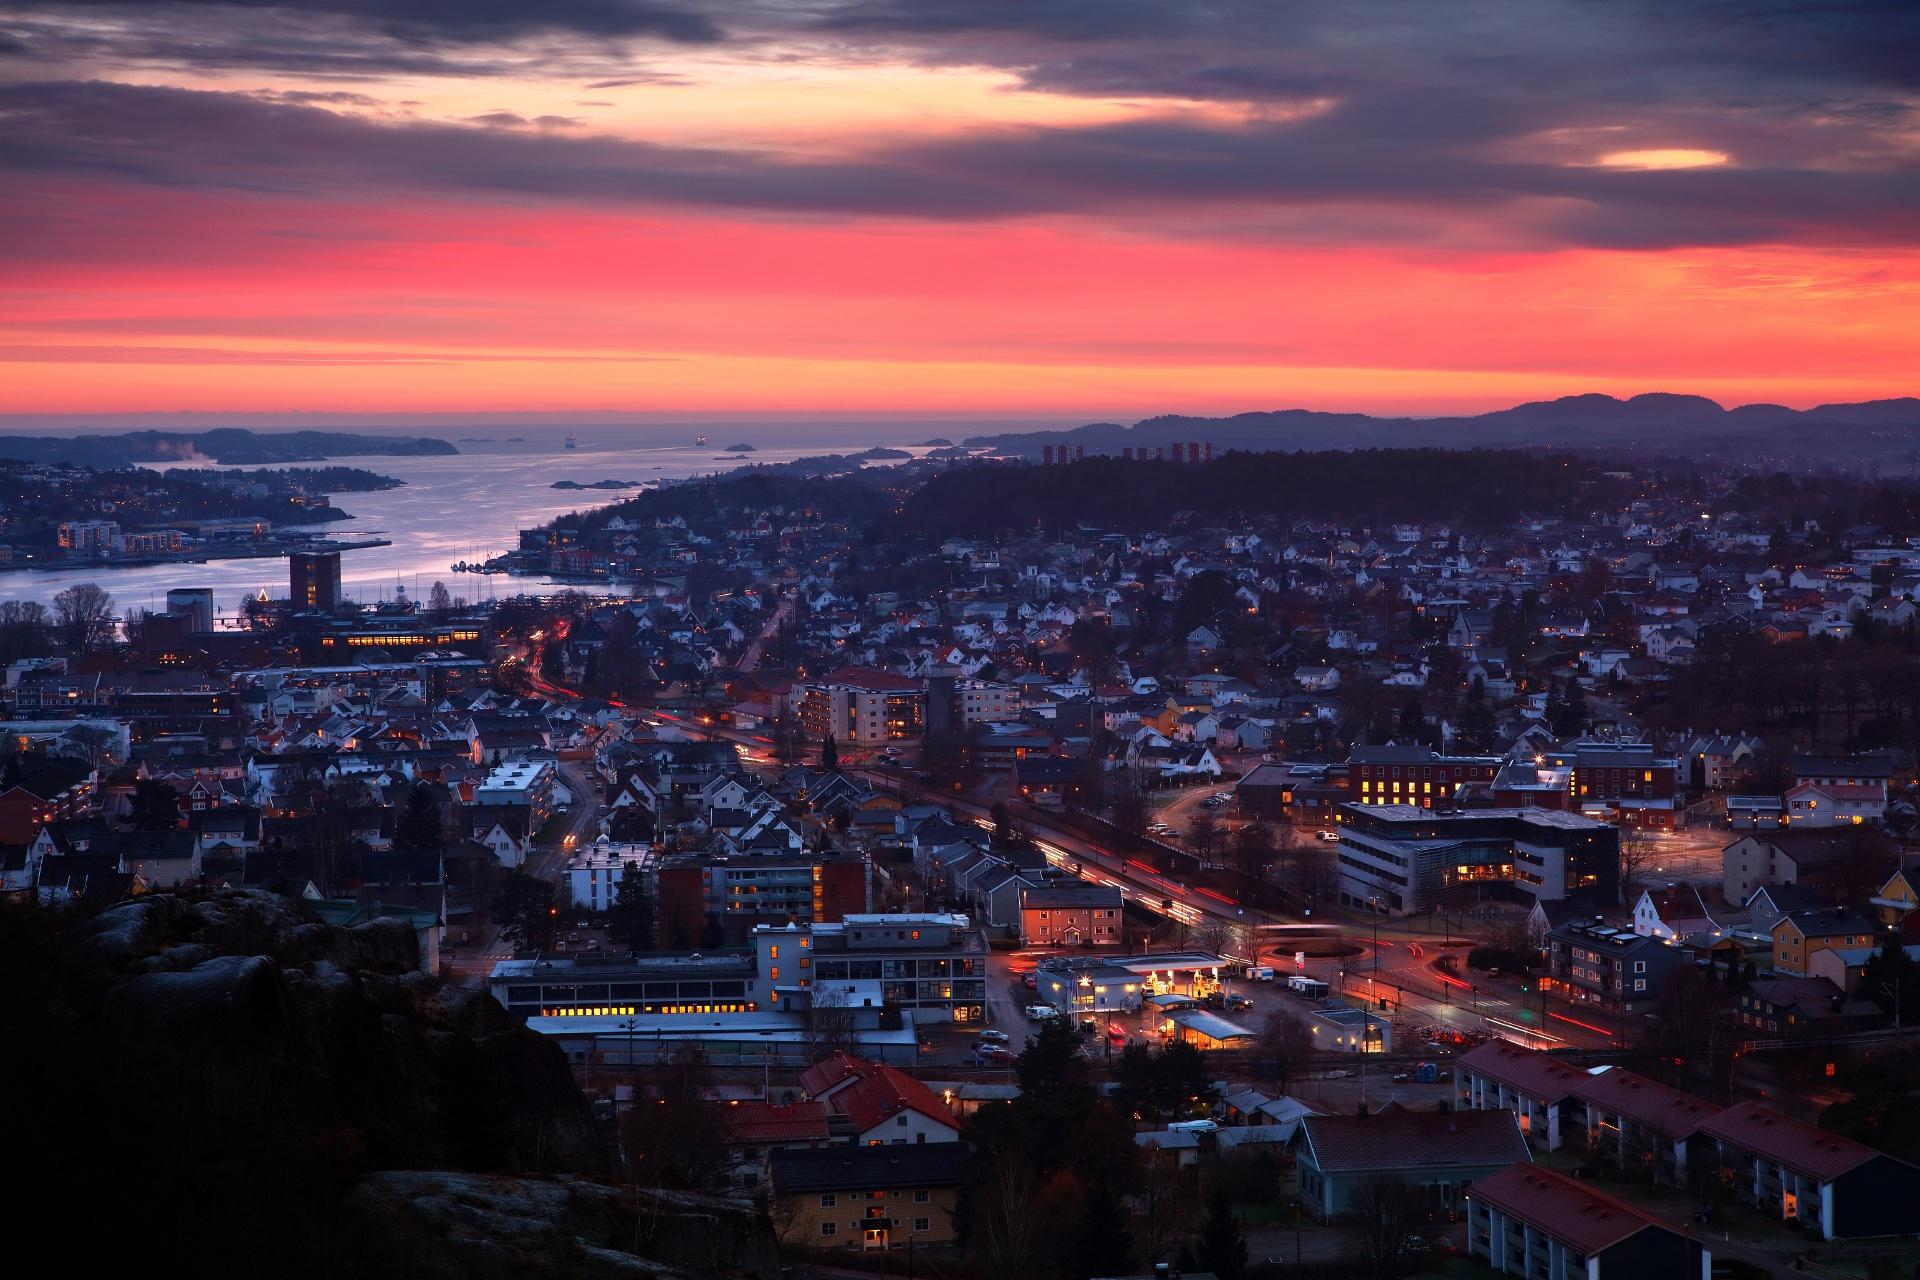 夕暮れのサンデフィヨルドの風景 ノルウェーの風景